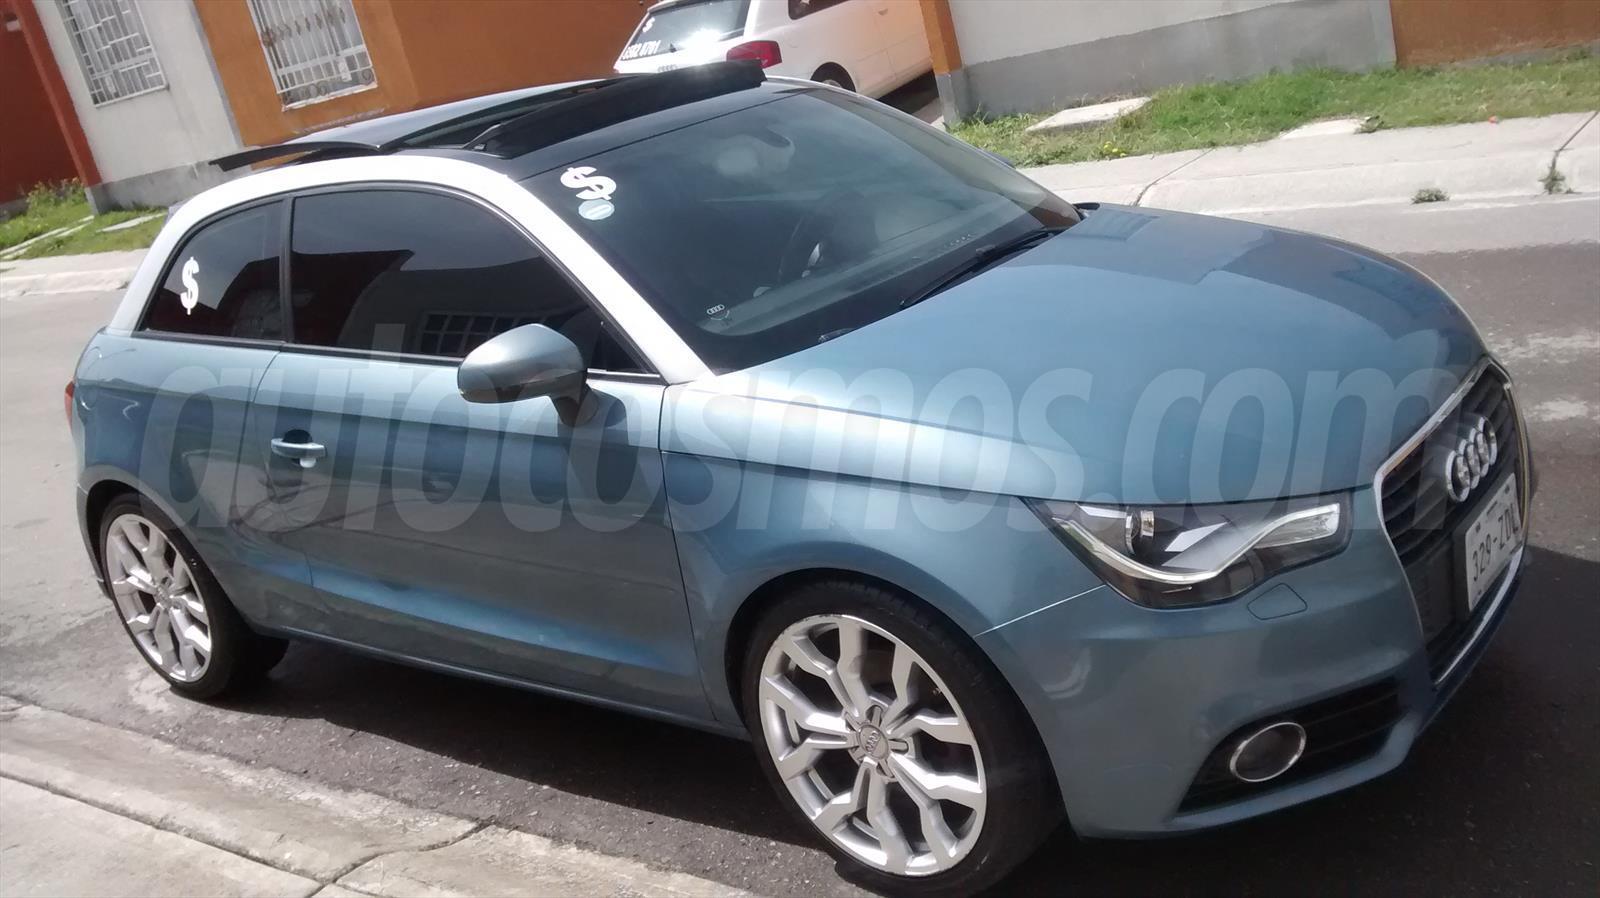 Venta autos usado - Estado de Mexico - Audi A1 Sportback ...